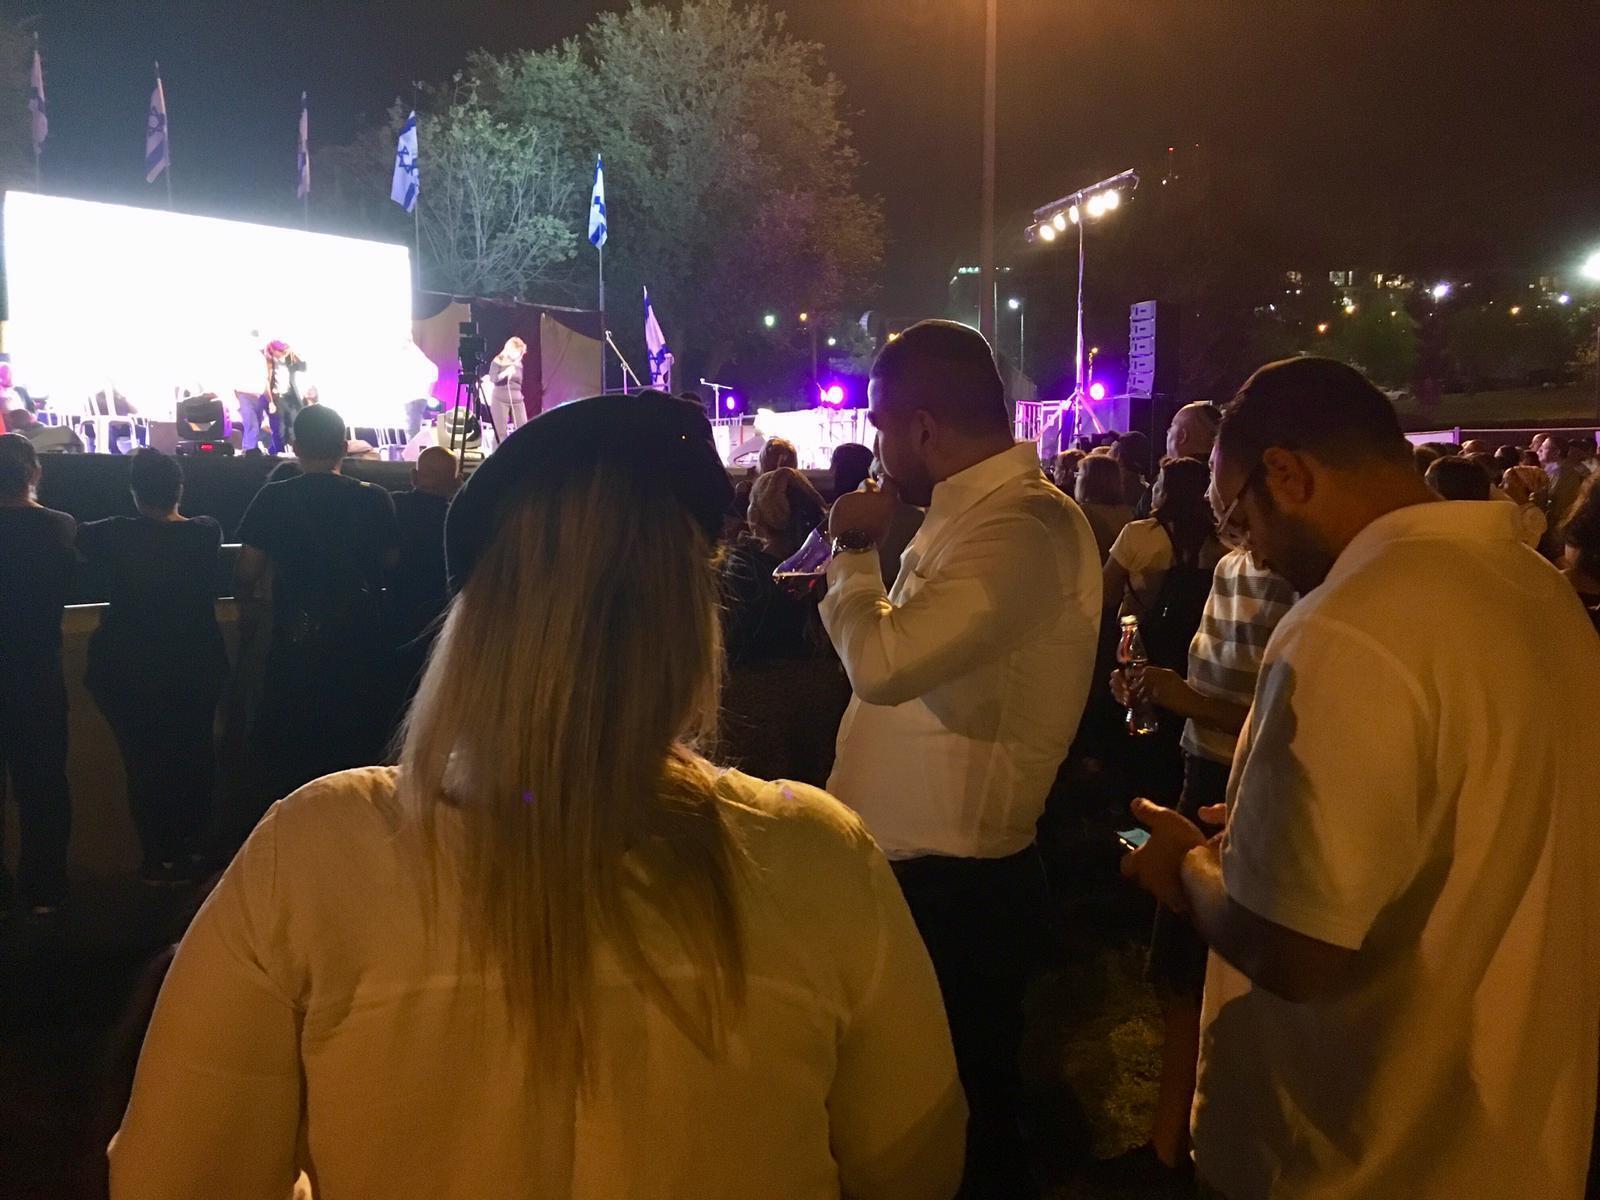 À Tel-Aviv, dans l'après-midi et à Jérusalem dans la soirée, plusieurs centaines d'Israéliens ont exprimé leur soutien aux Kurdes de Syrie face à l'opération militaire turque.